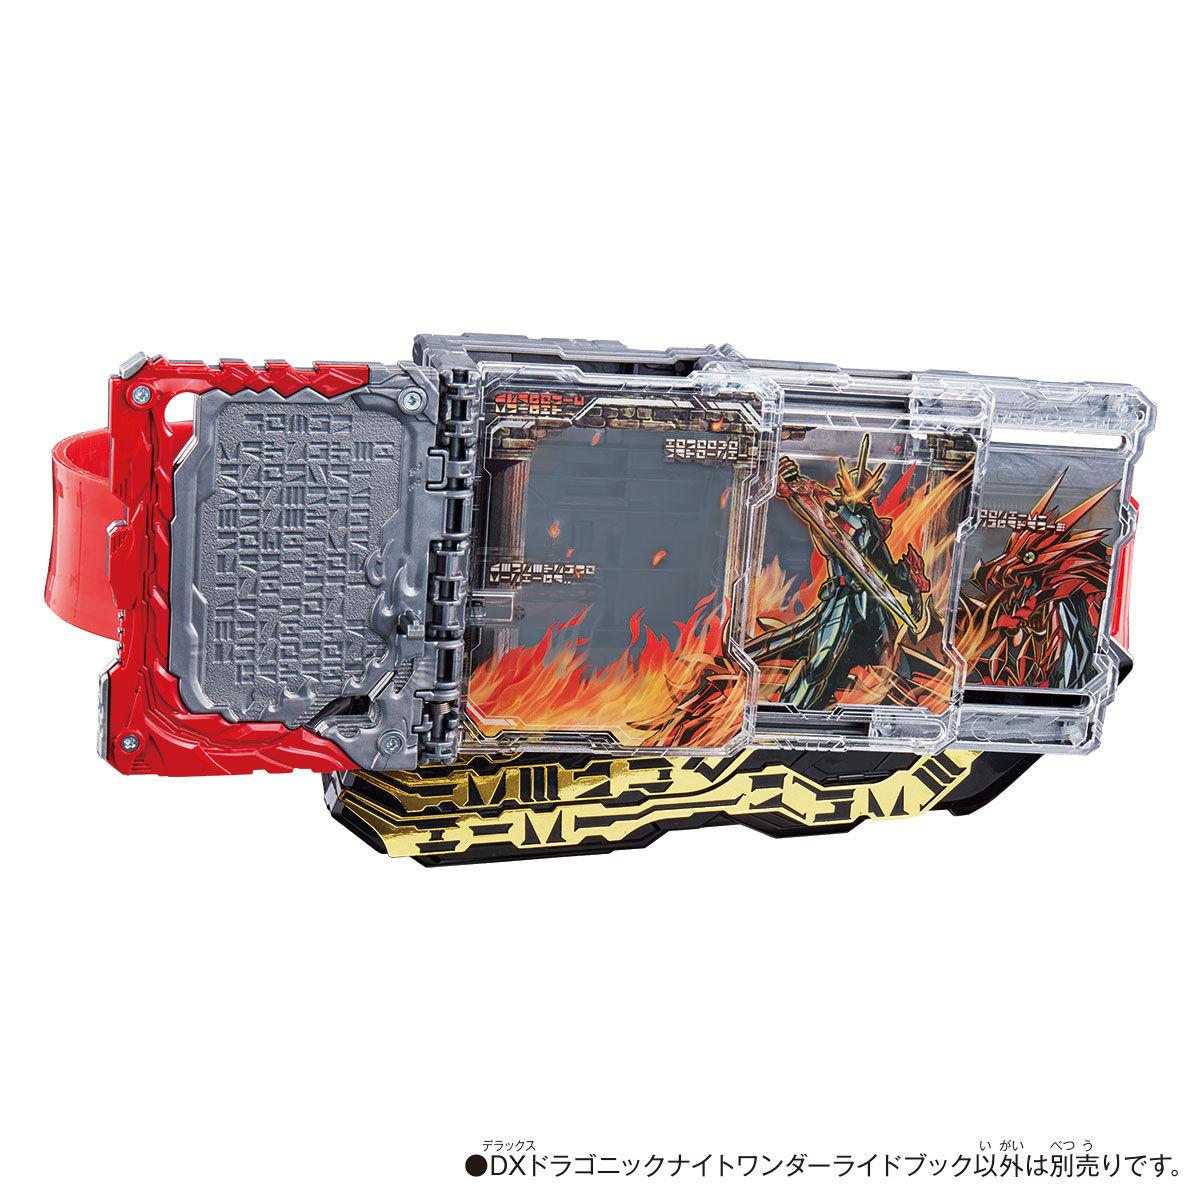 仮面ライダーセイバー『DXドラゴニックナイトワンダーライドブック』変身なりきり-002